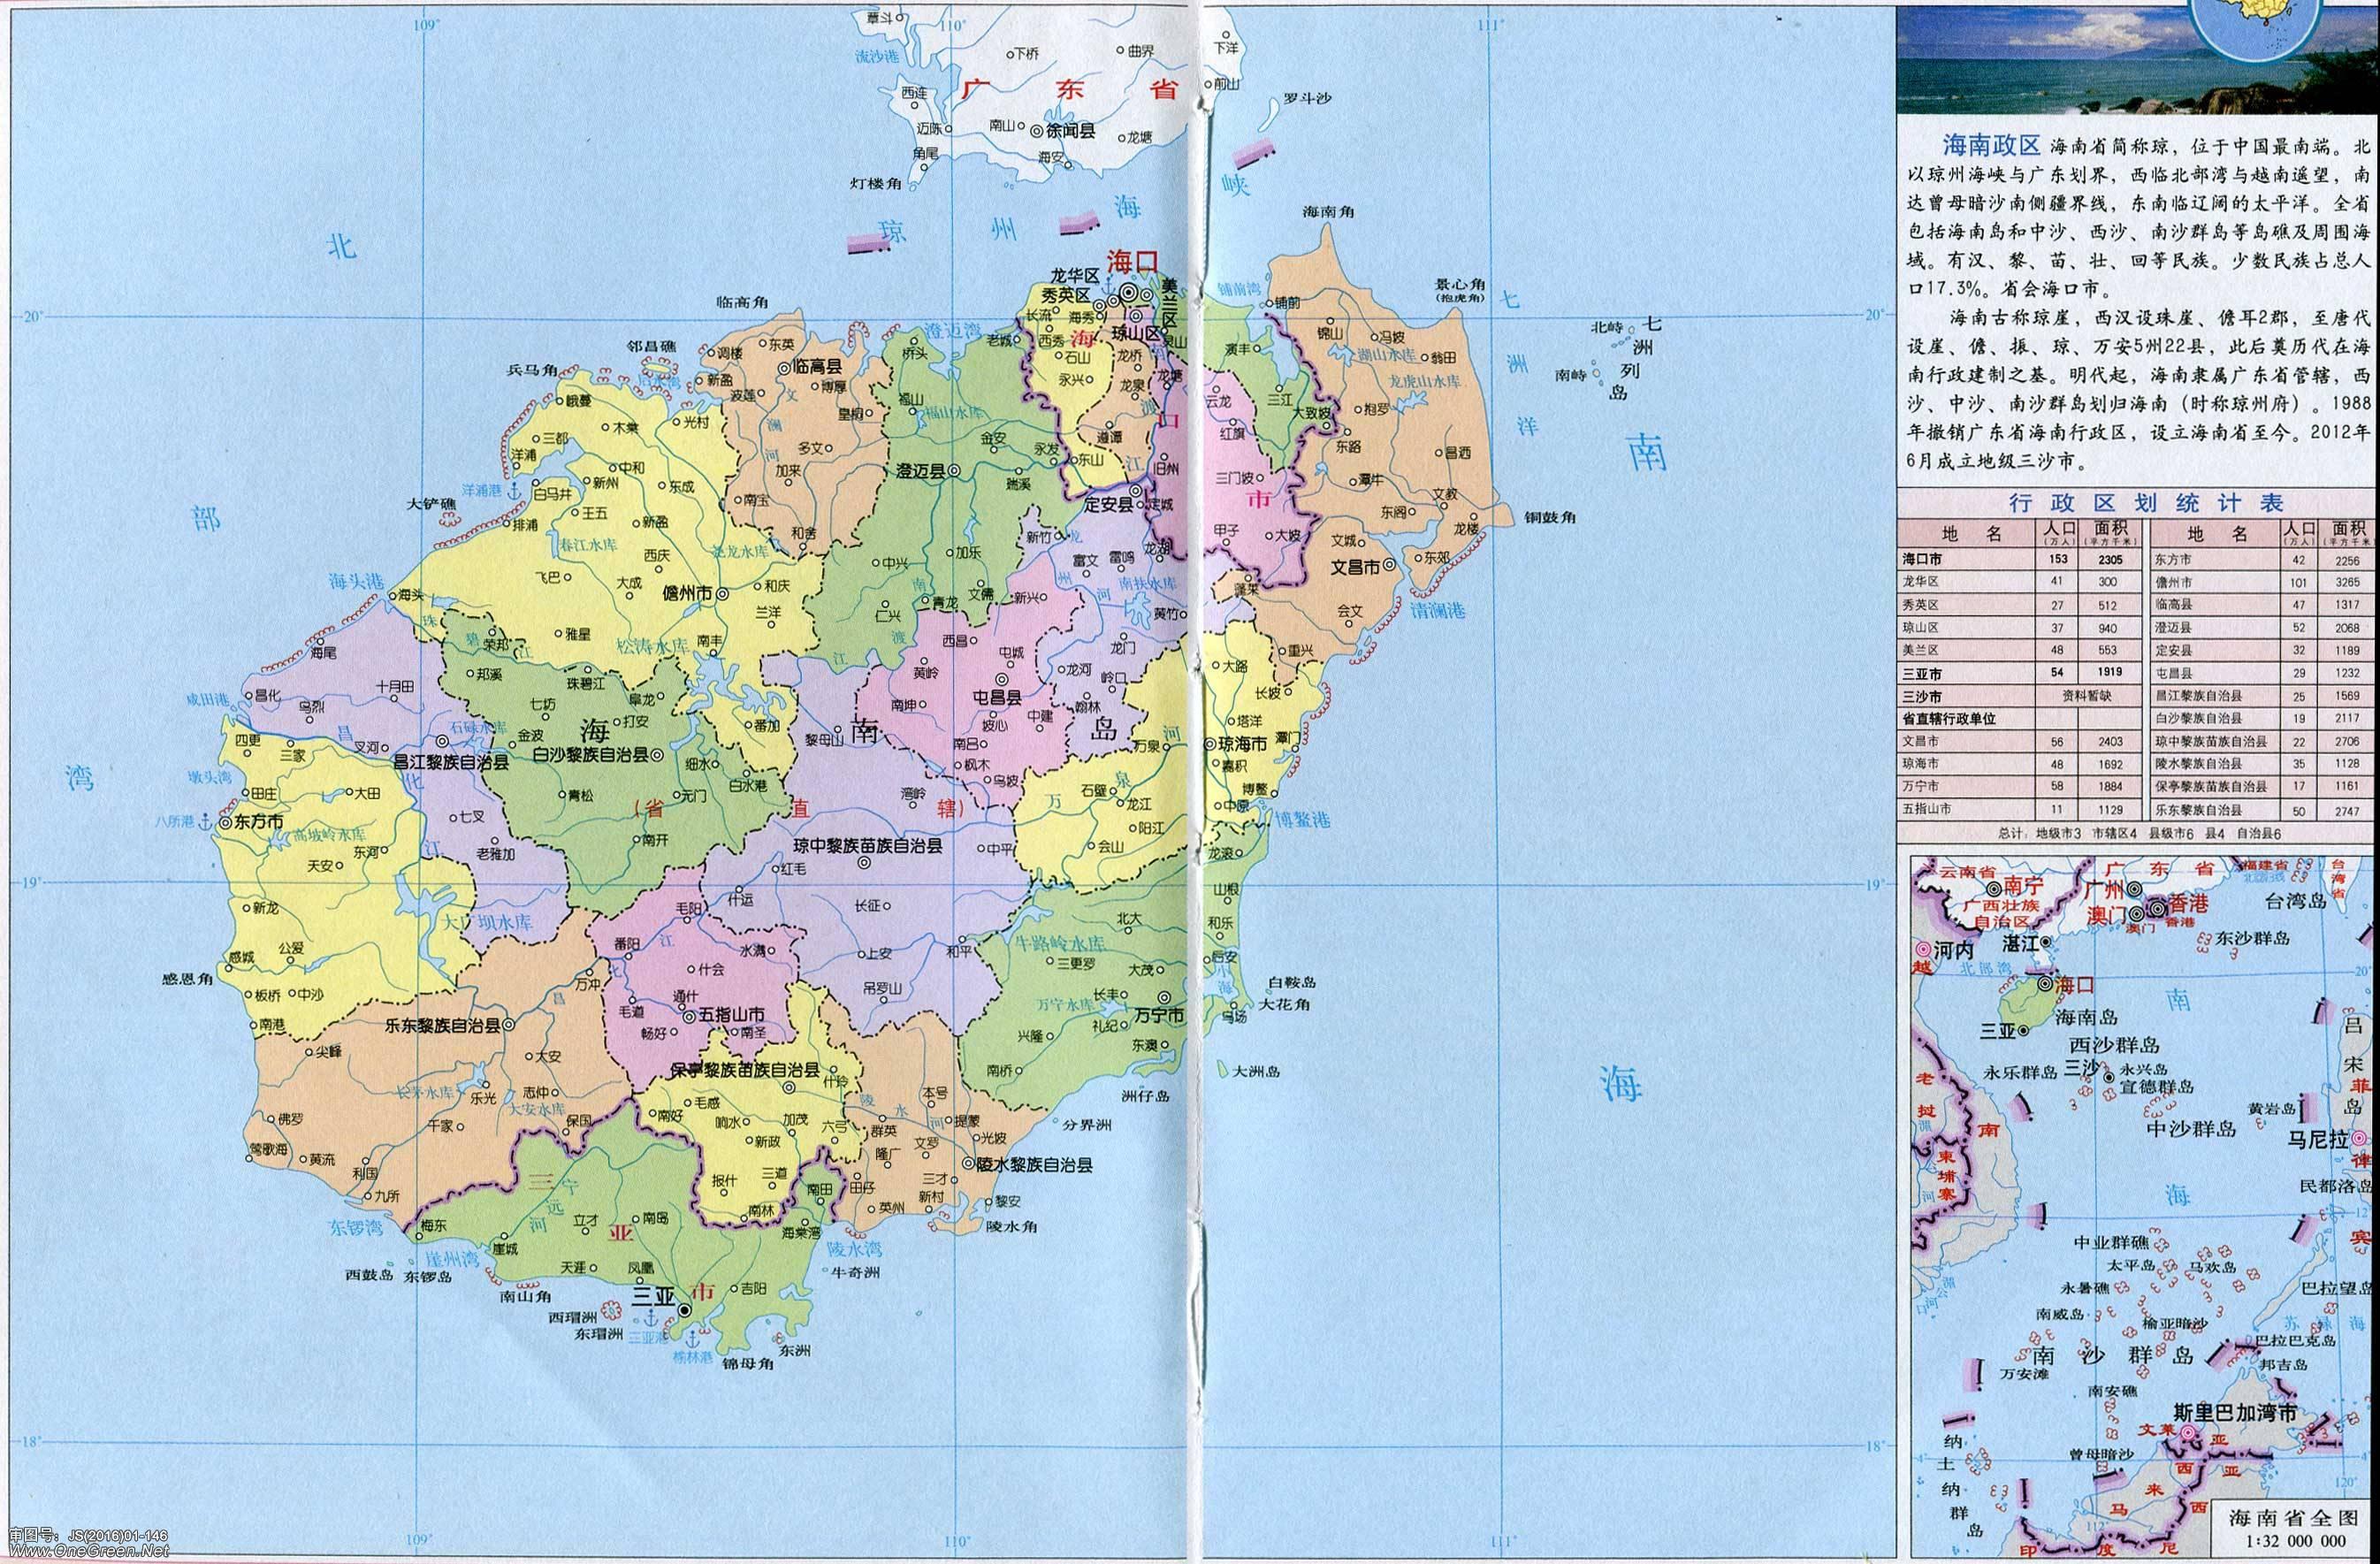 海南省交通旅游地图